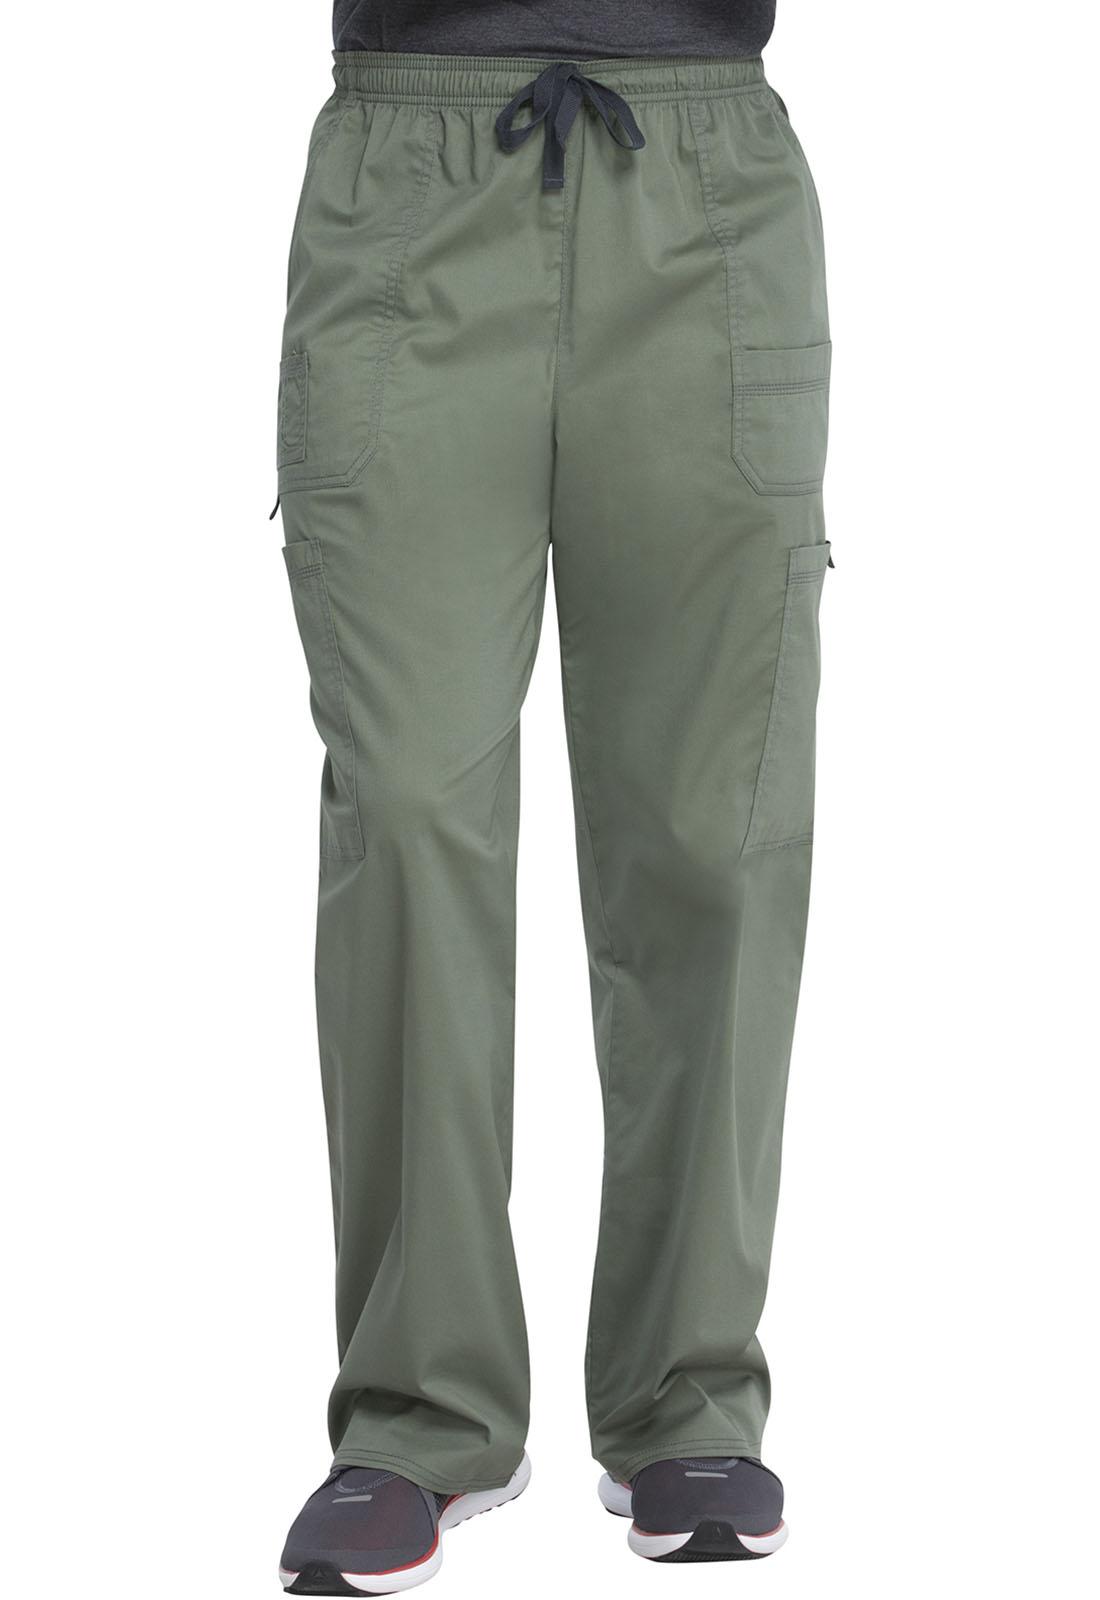 detailing hot-seeling original original Dickies Men's Drawstring Cargo Pant (Regular) in Olive from Dickies Medical